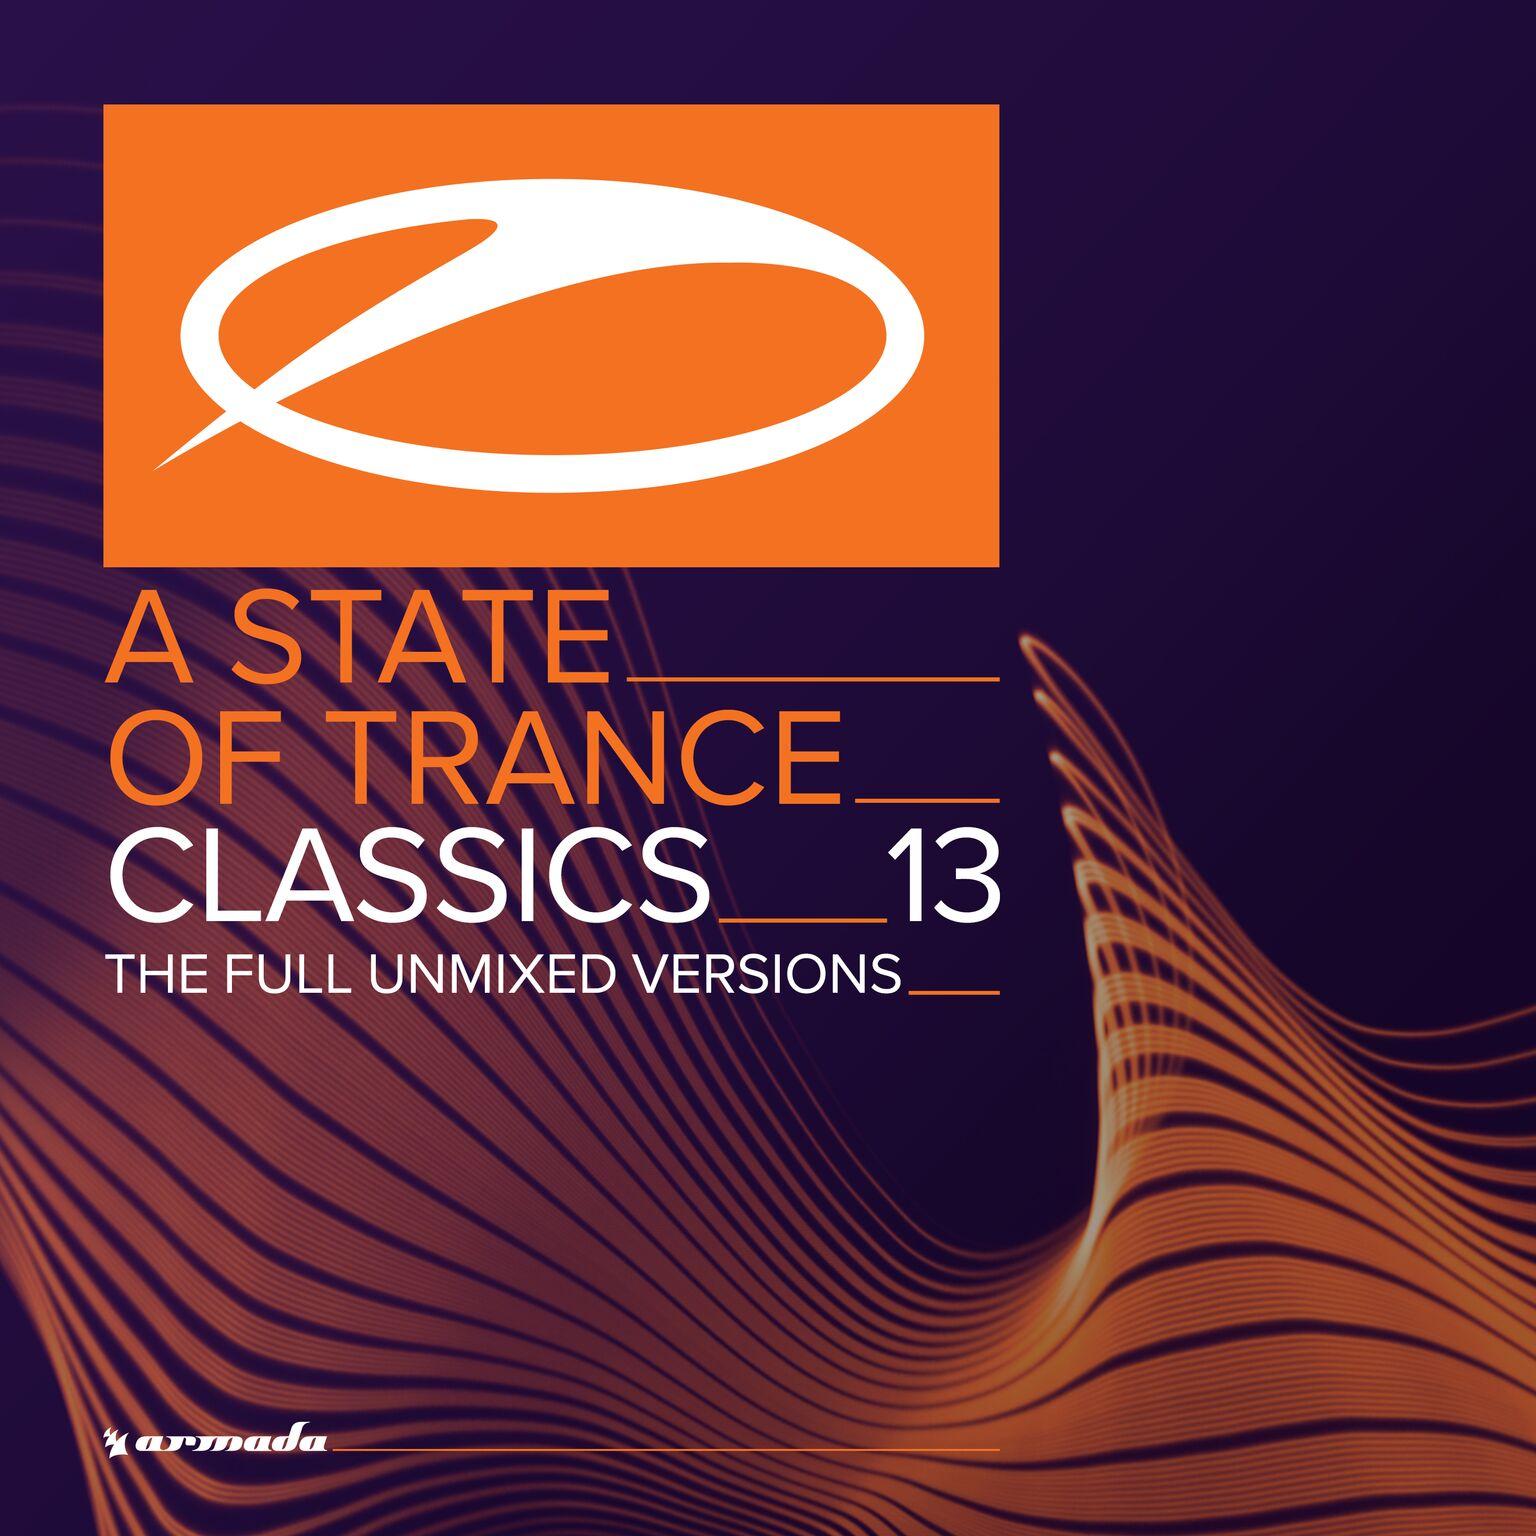 Armin van Buuren - A State Of Trance Classics Vol. 13